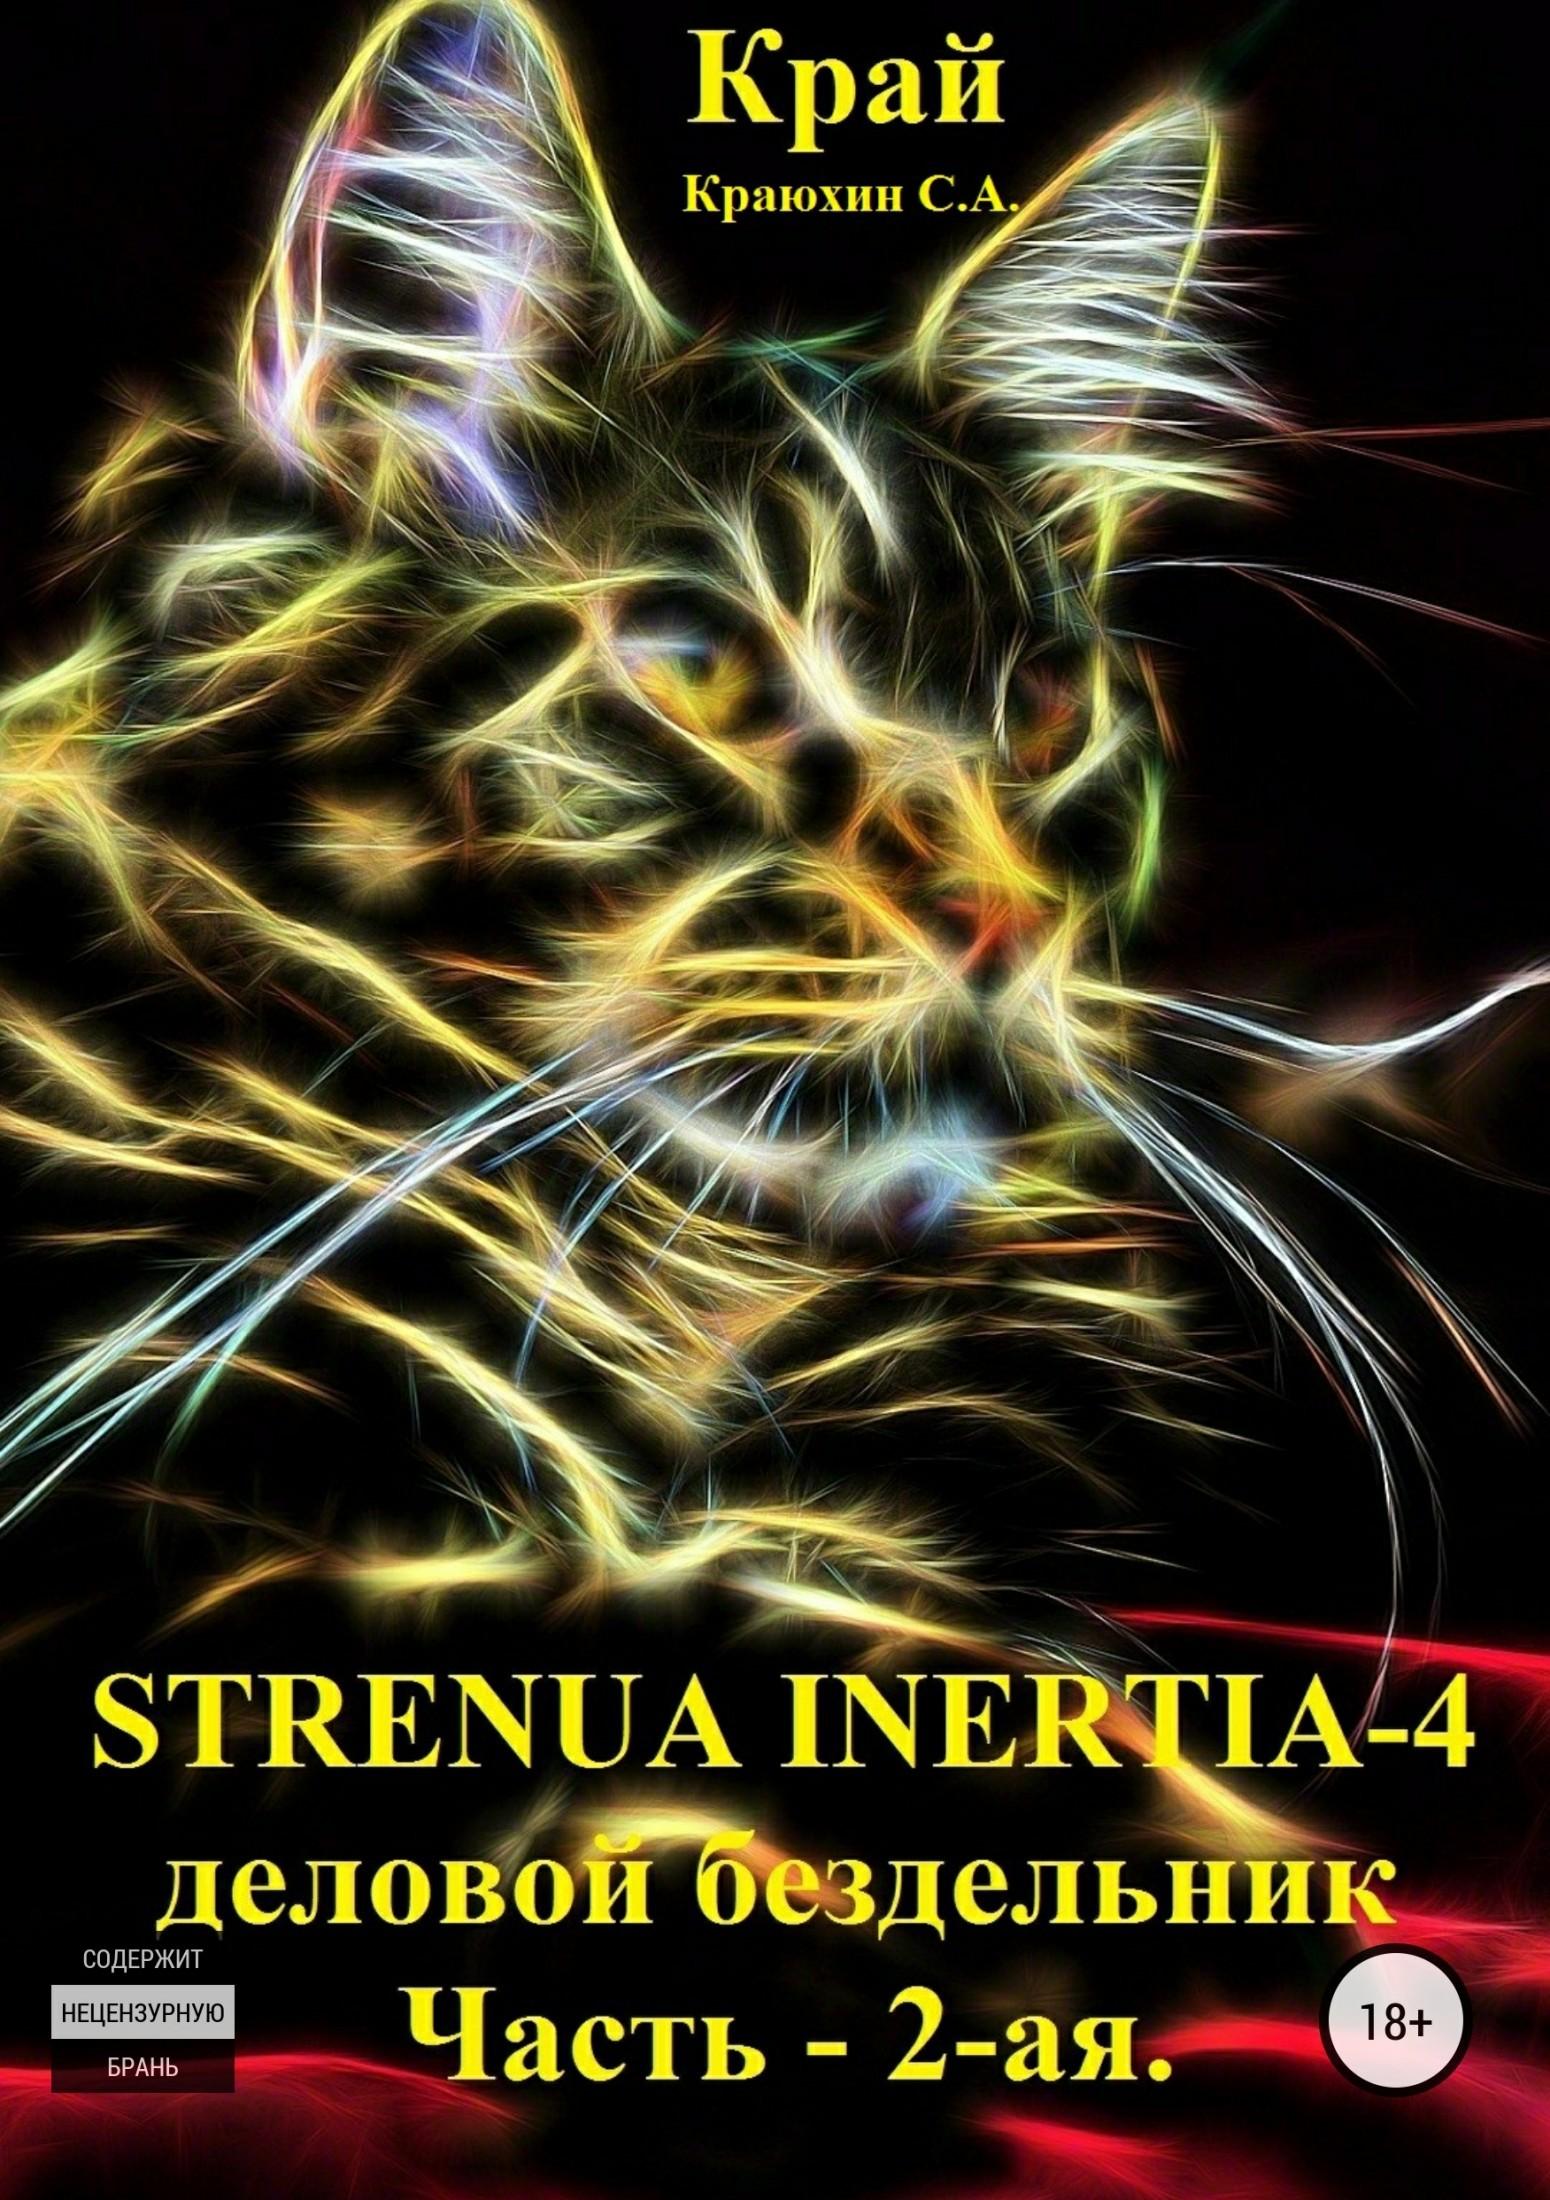 Strenua inertia 4!Часть 2. Деловой бездельник